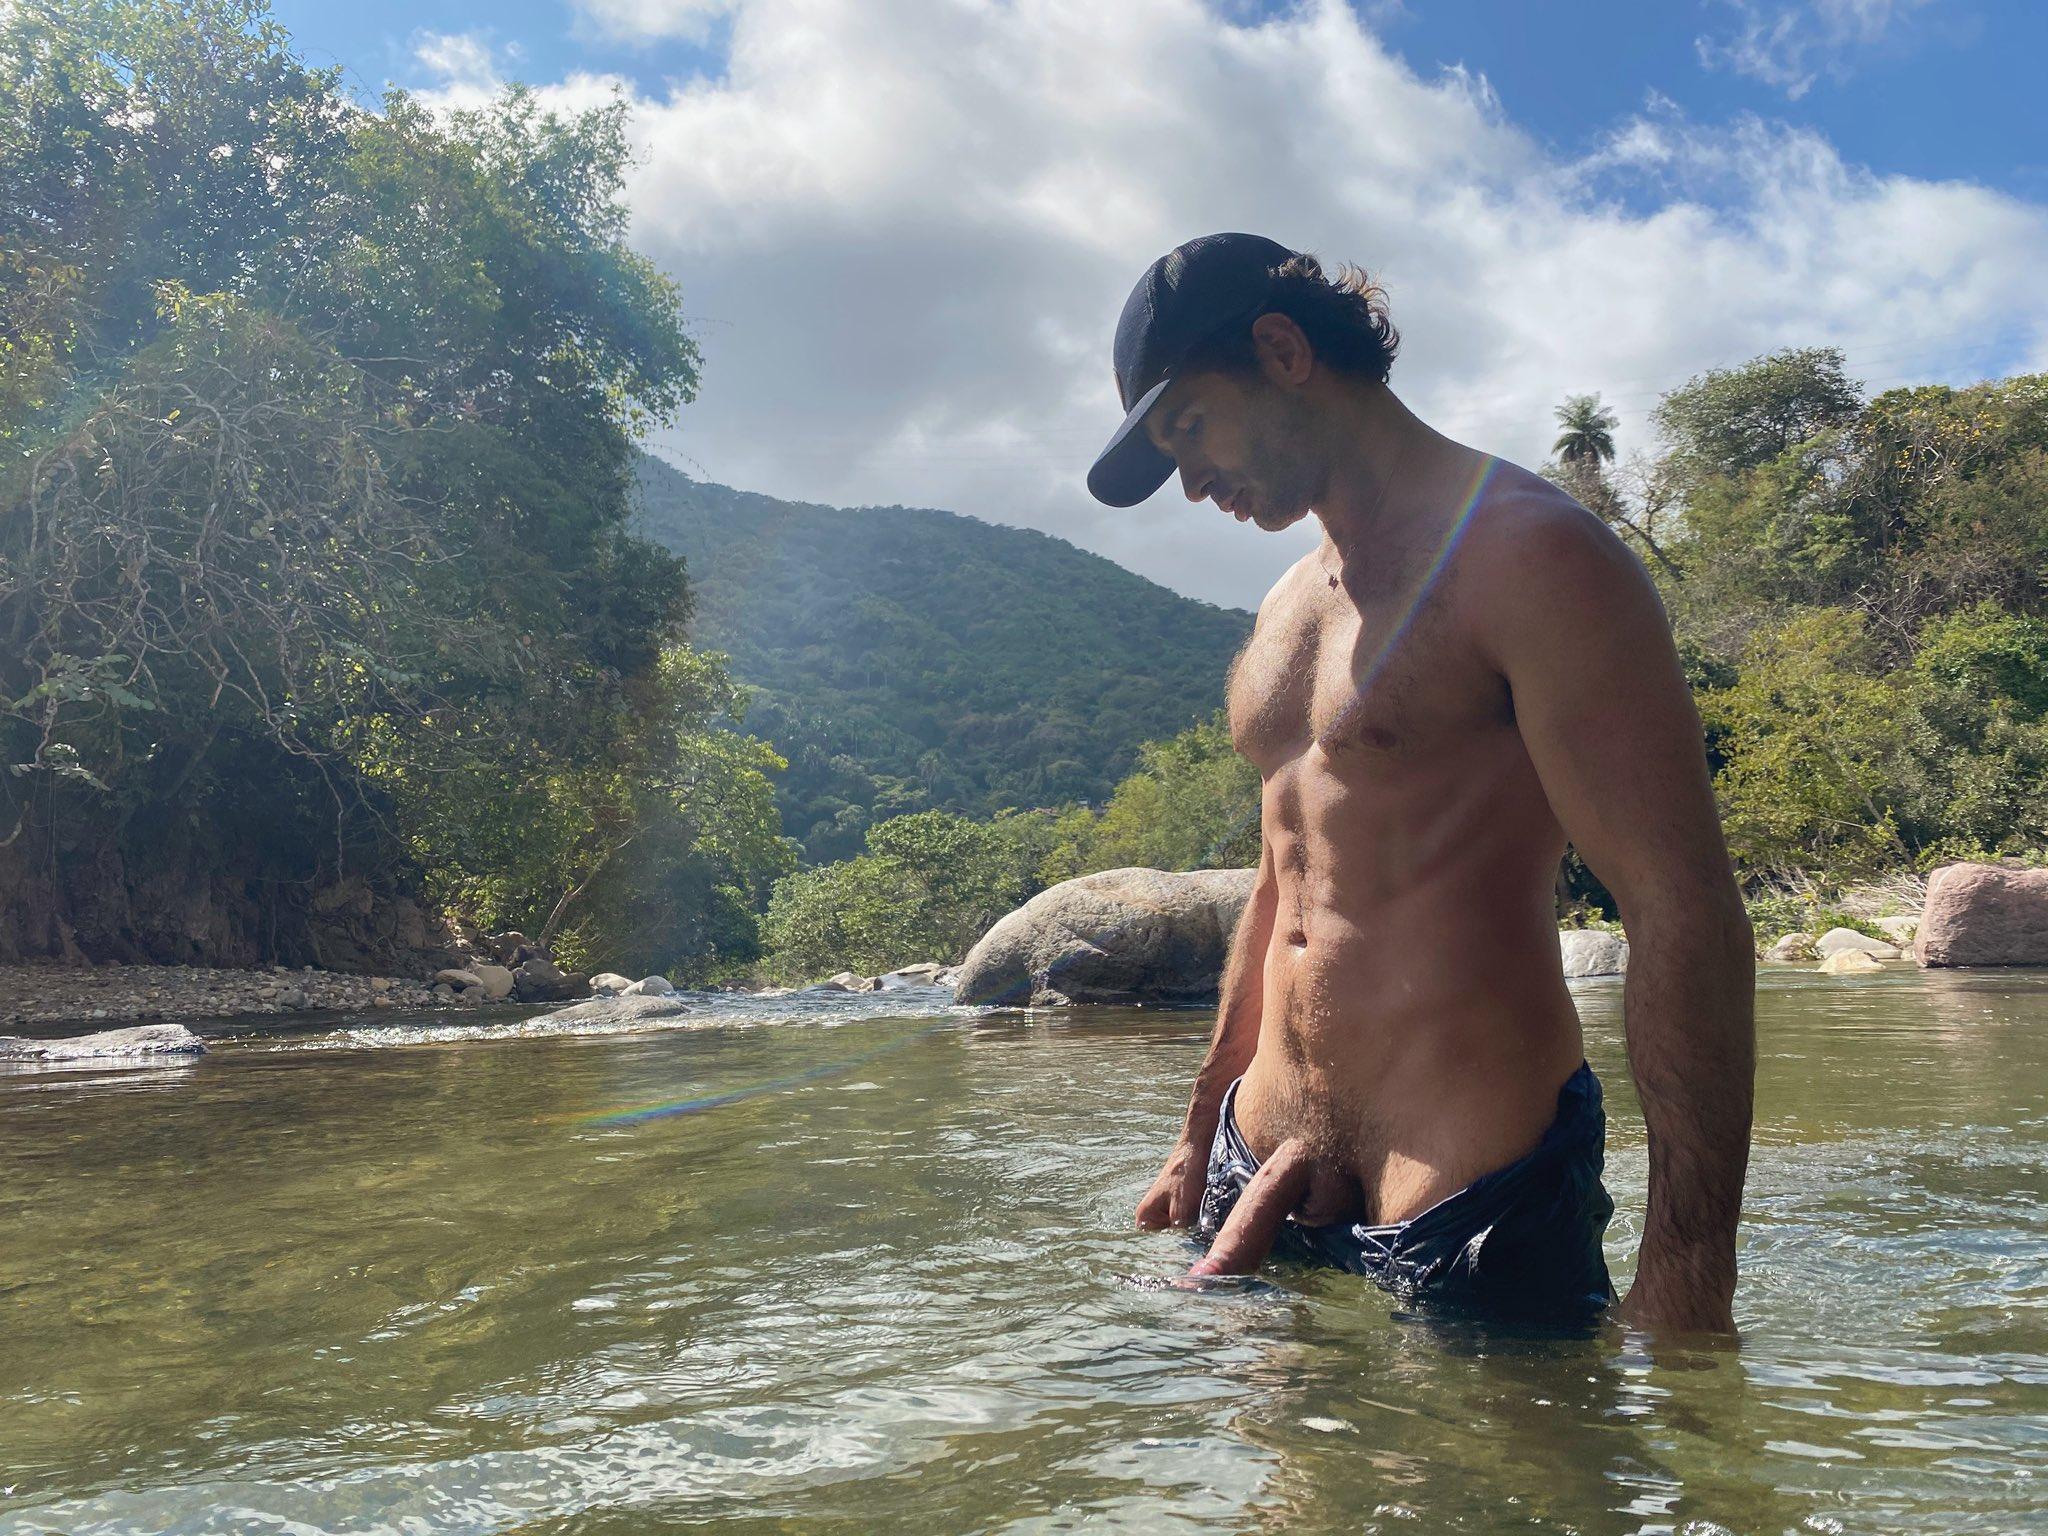 desnudo en el rio para que me lo veas y grande